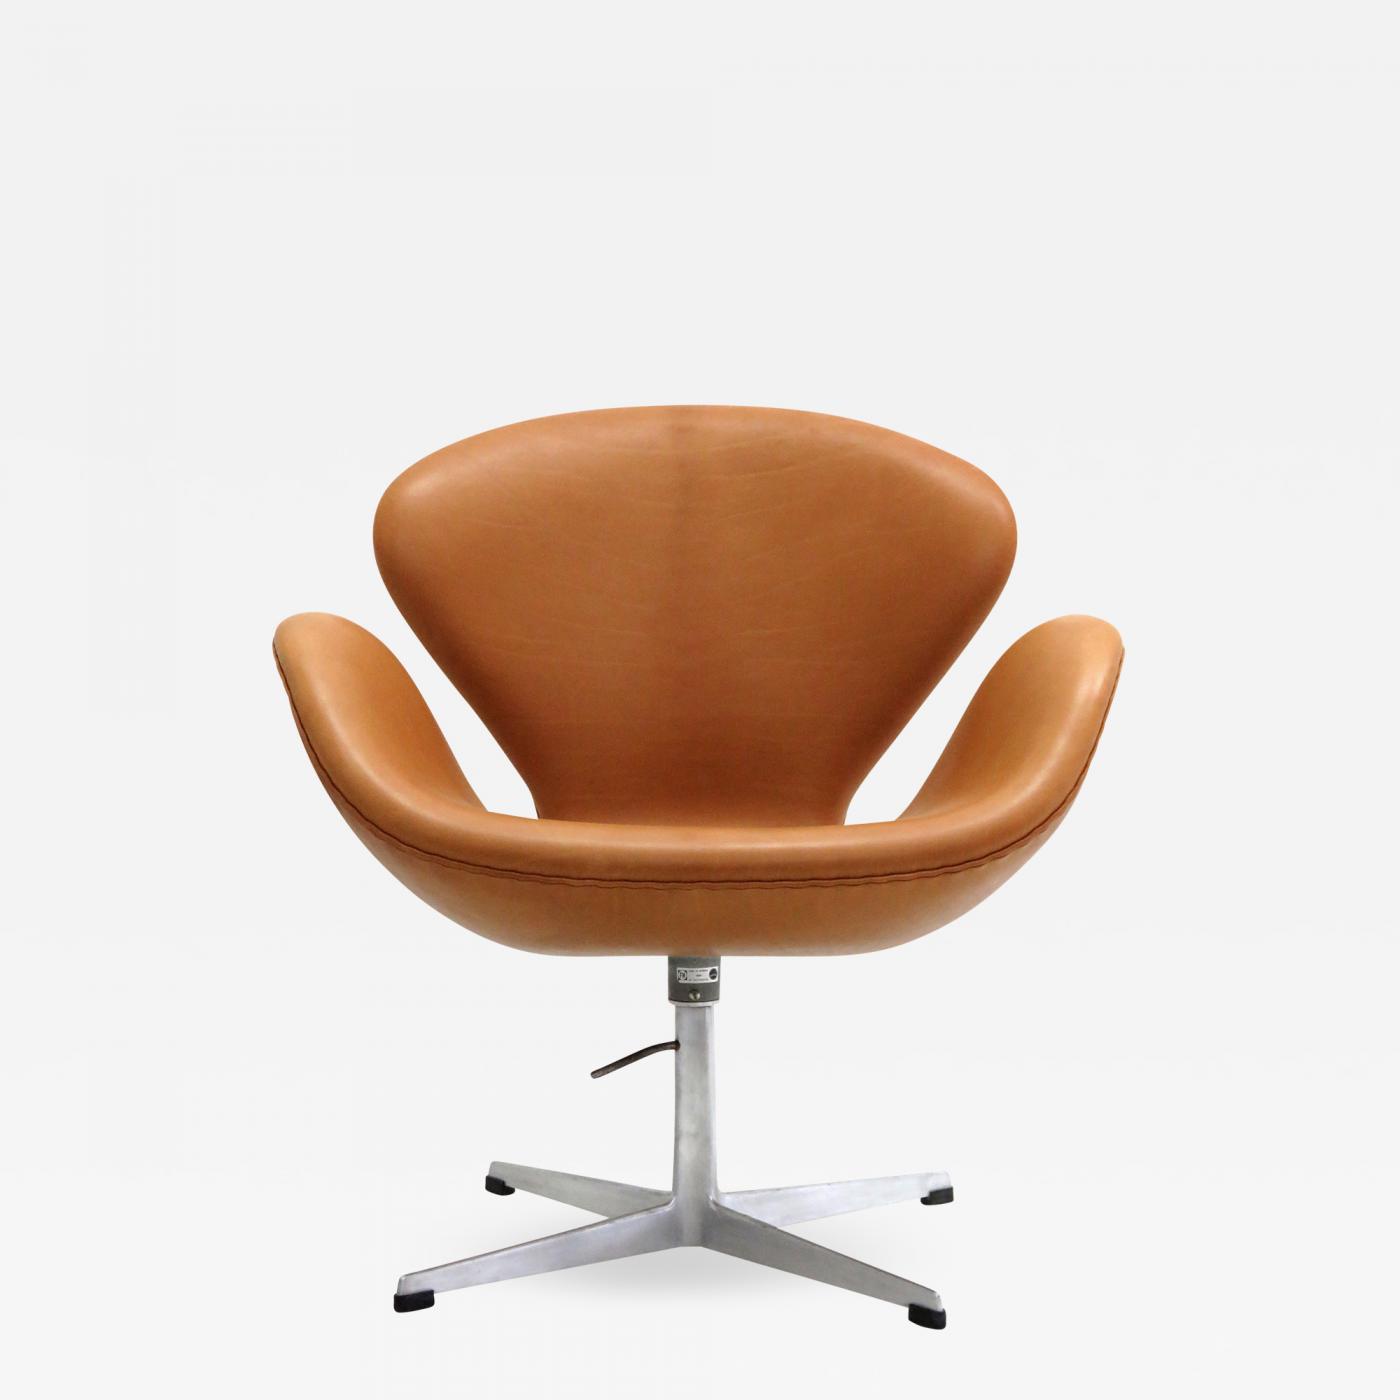 Awe Inspiring Arne Jacobsen Swan Chair Model 3320 By Arne Jacobsen For Fritz Hansen Evergreenethics Interior Chair Design Evergreenethicsorg